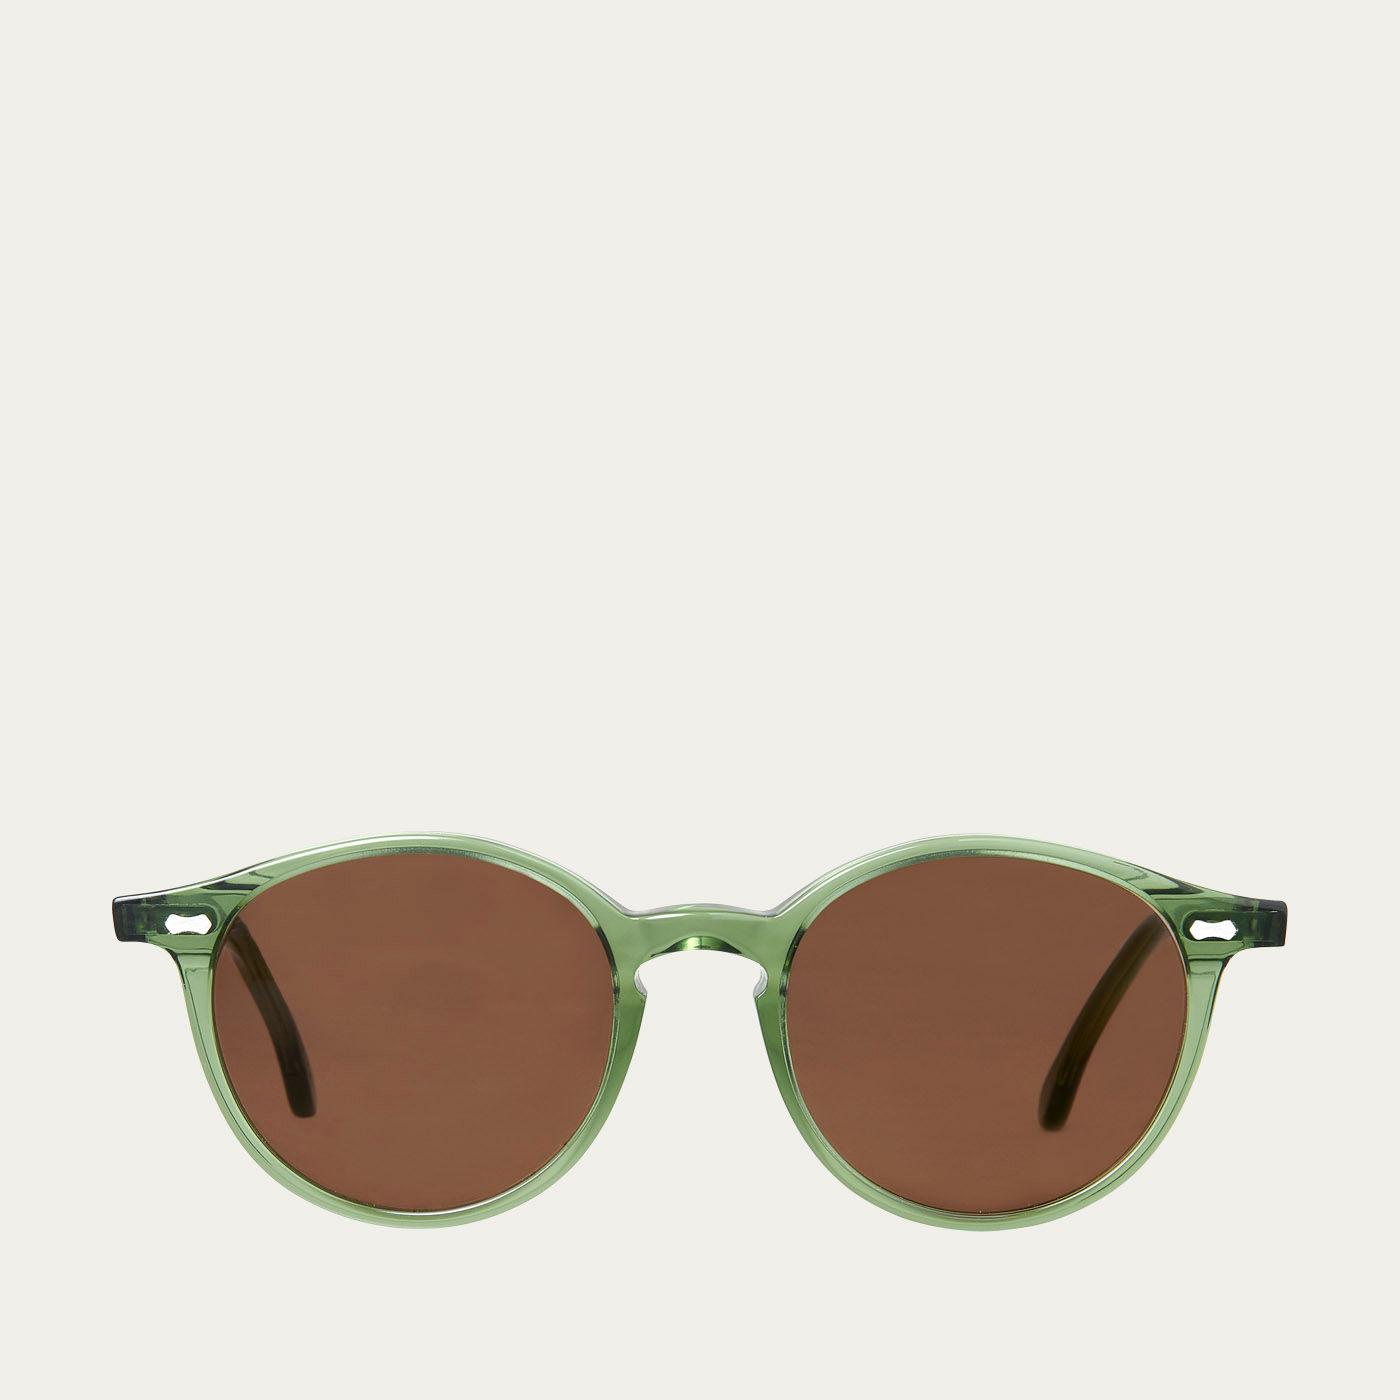 Green / Tobbacco Cran Sunglasses   Bombinate